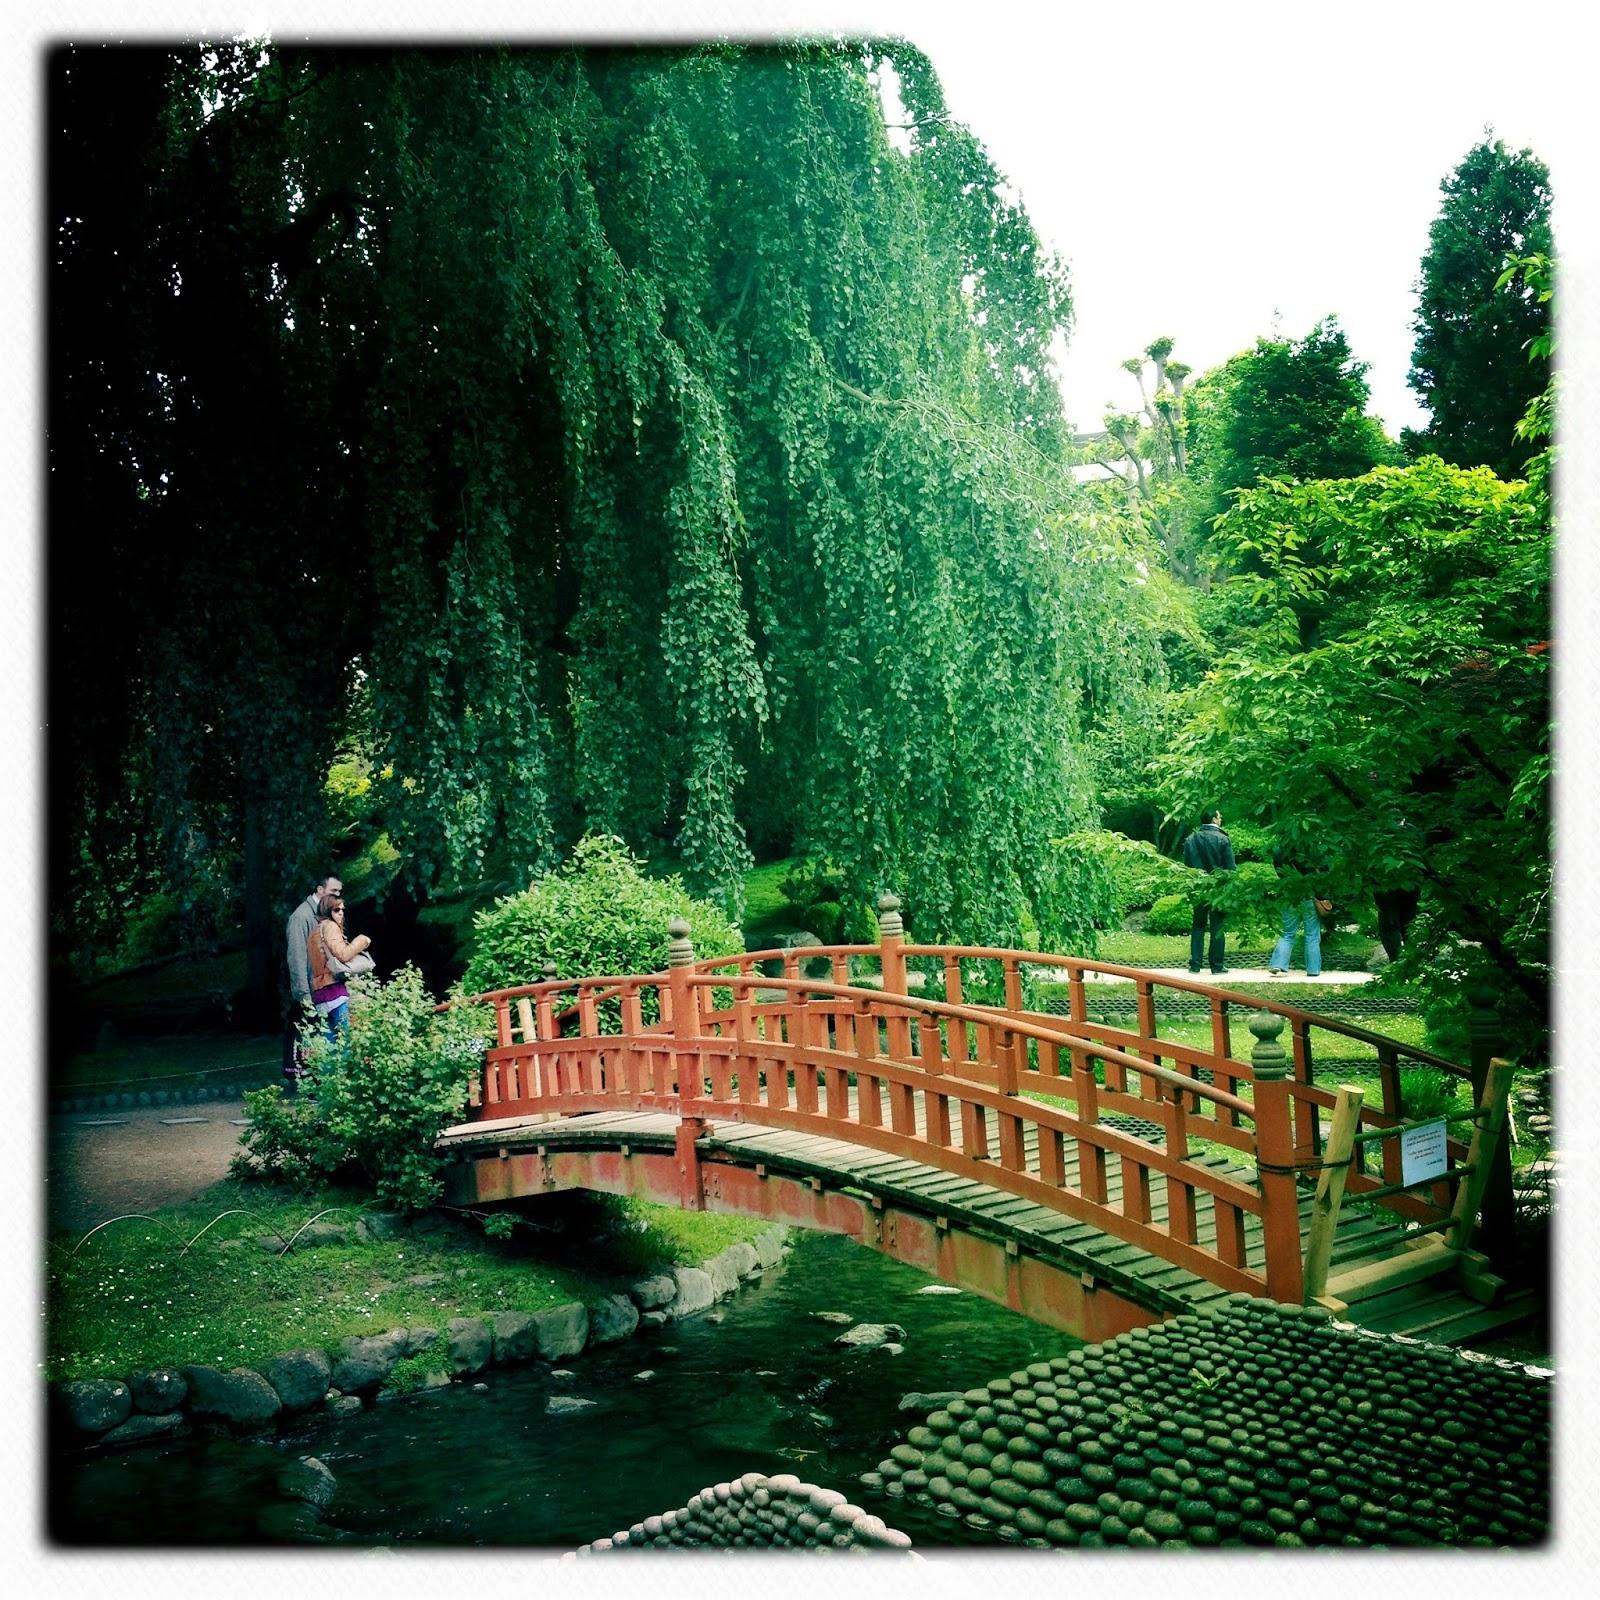 D co jardin japonais boulogne toulon 37 jardin dhiver for Jardin japonais angers